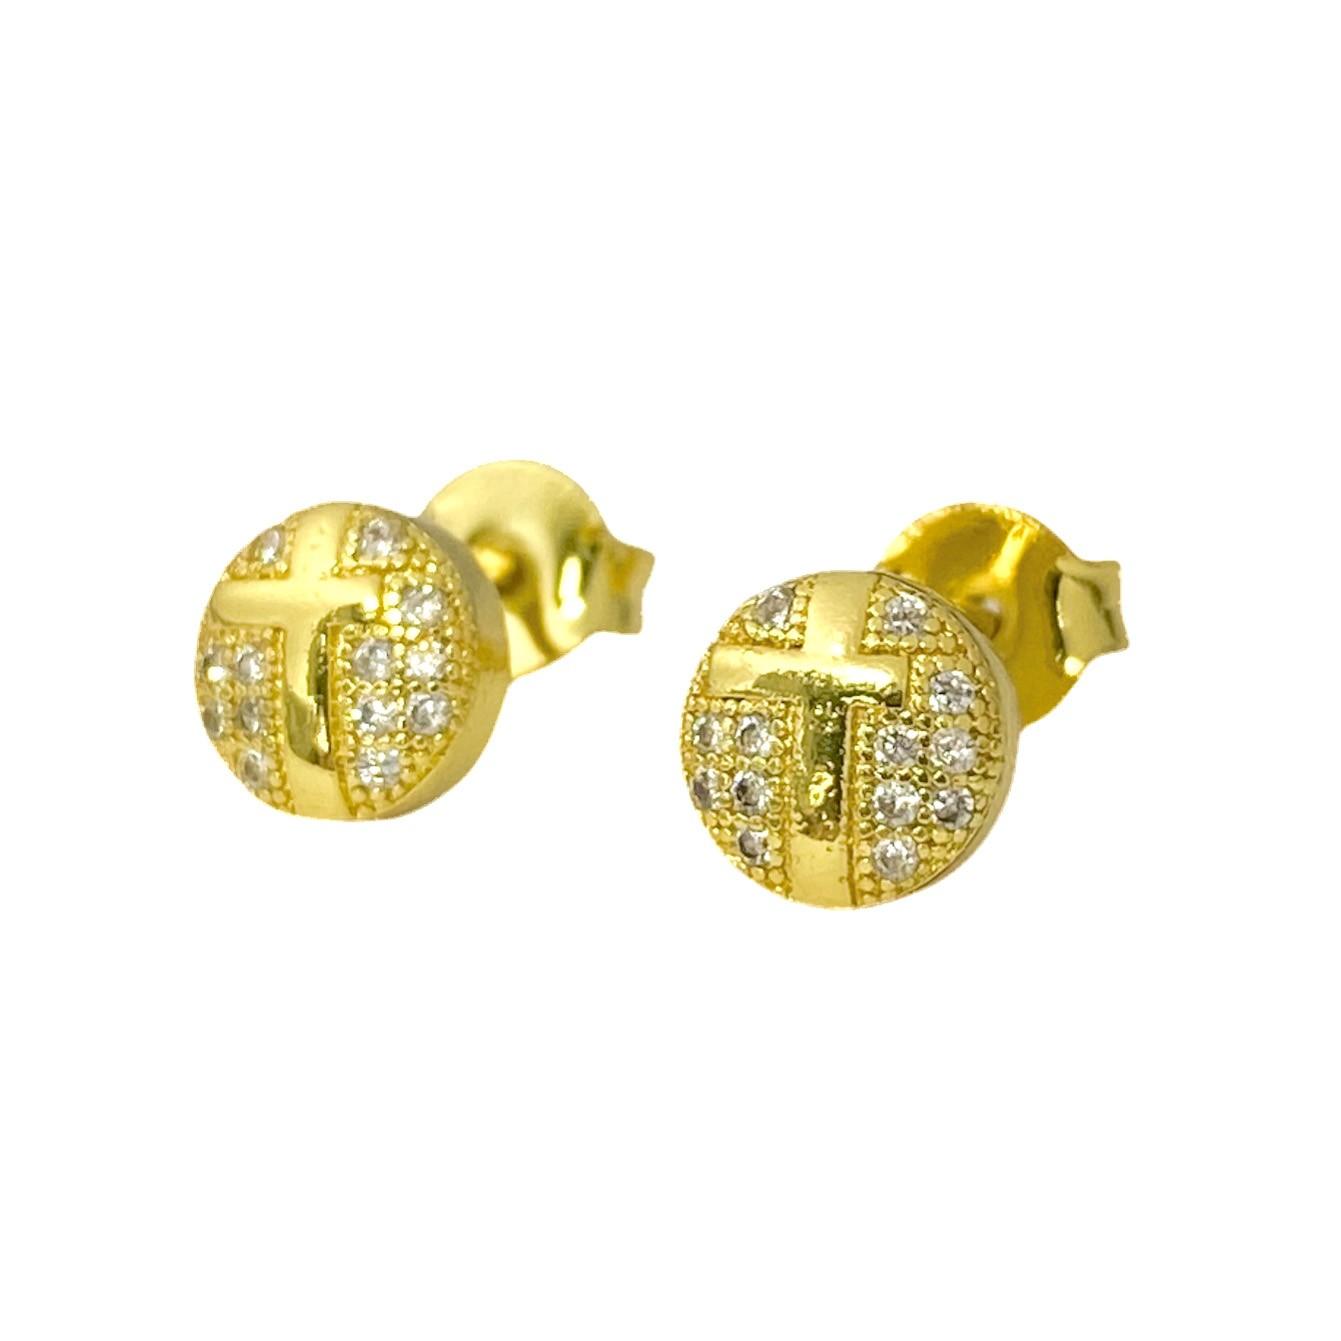 Brinco Circular Com Cruz Pedras 7mm X 7mm (Zircônia) (Banho Ouro 24k)